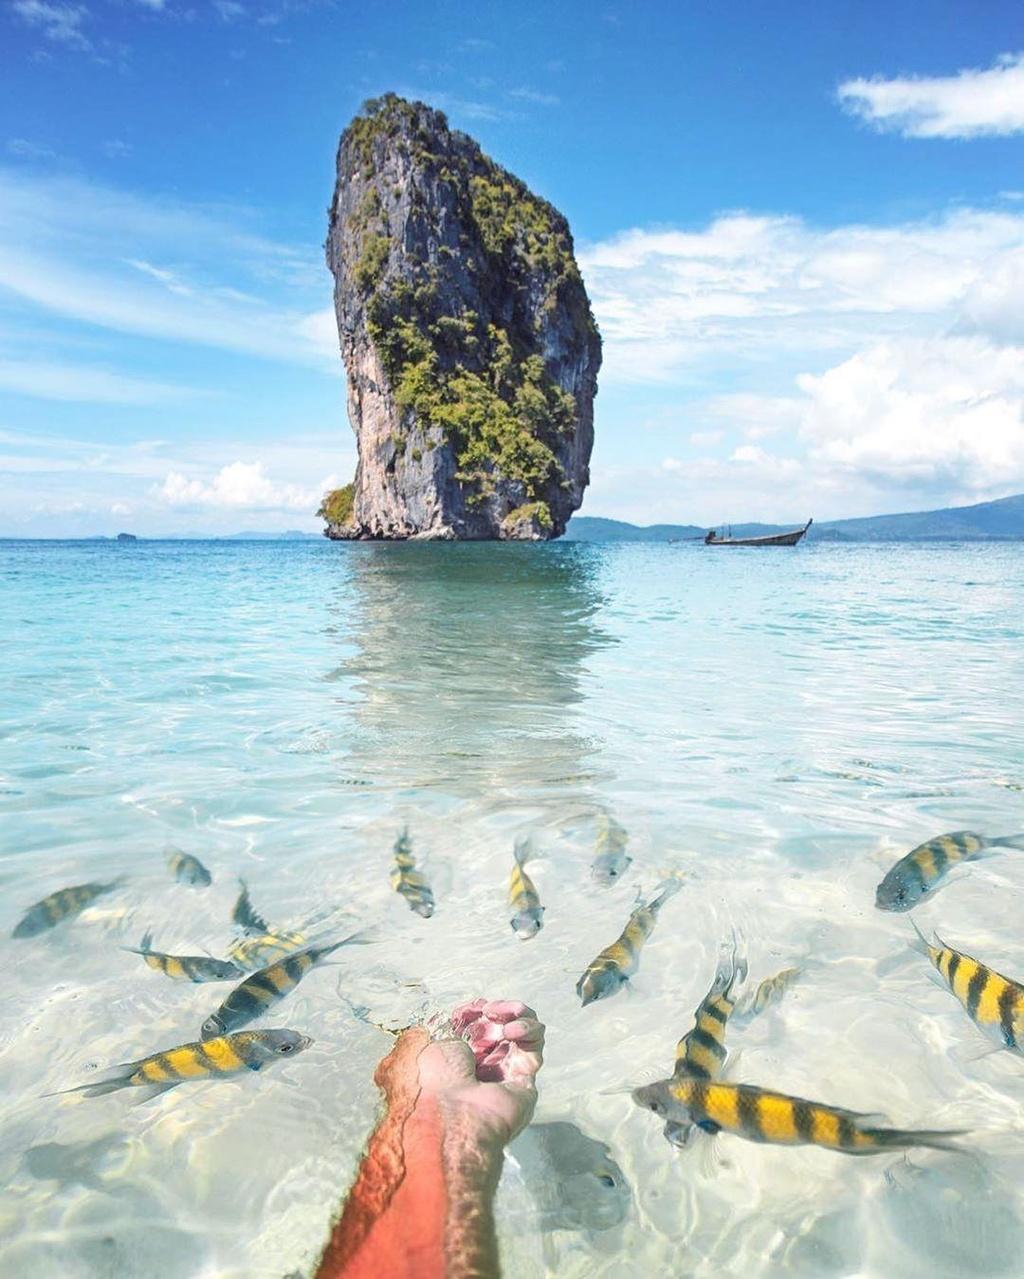 Krabi va nhung bai bien dep nhat Thai Lan hinh anh 6